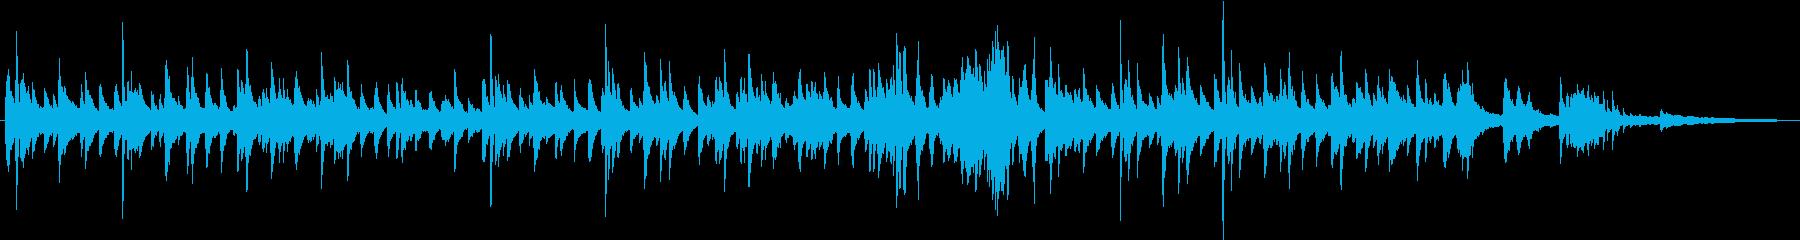 ノスタルジックで優雅なジャズバラードの再生済みの波形